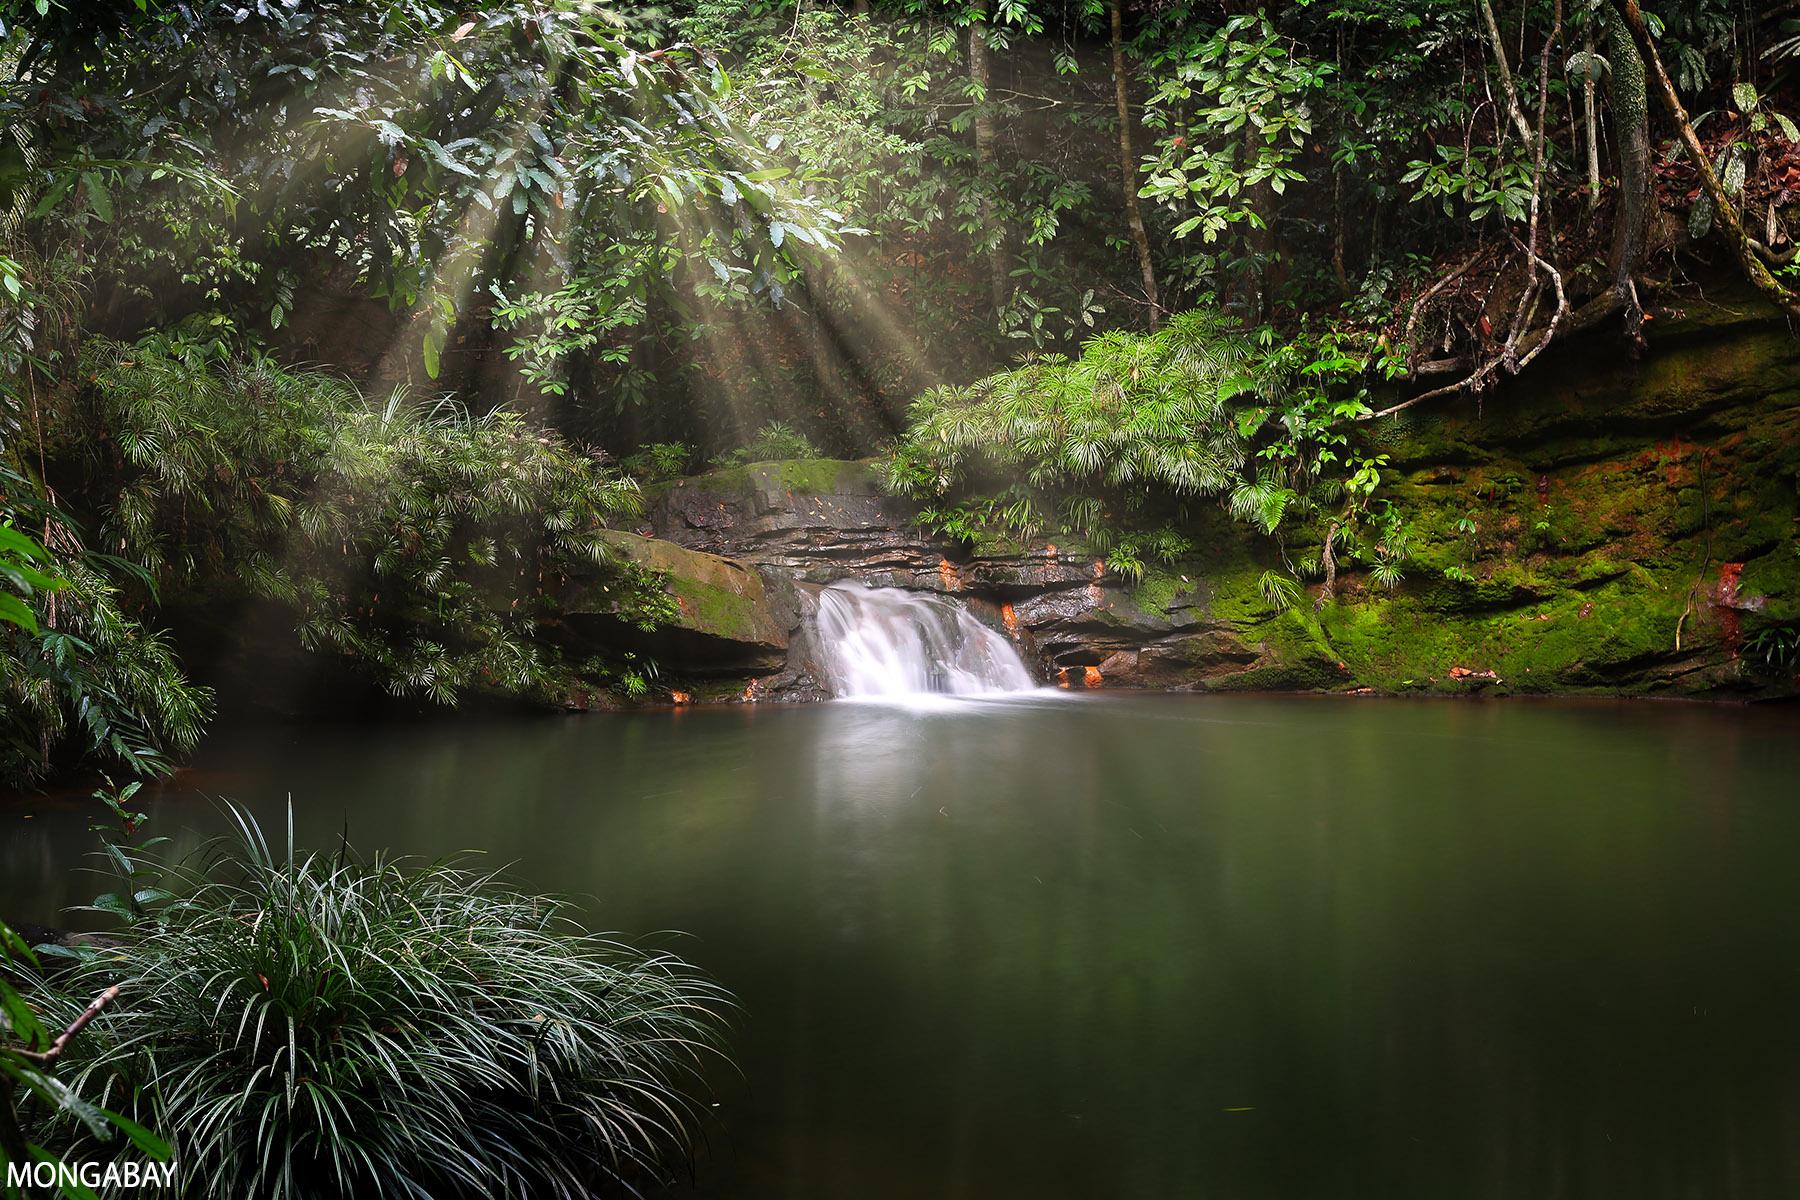 Rainforest in Borneo. Photo by Rhett A. Butler